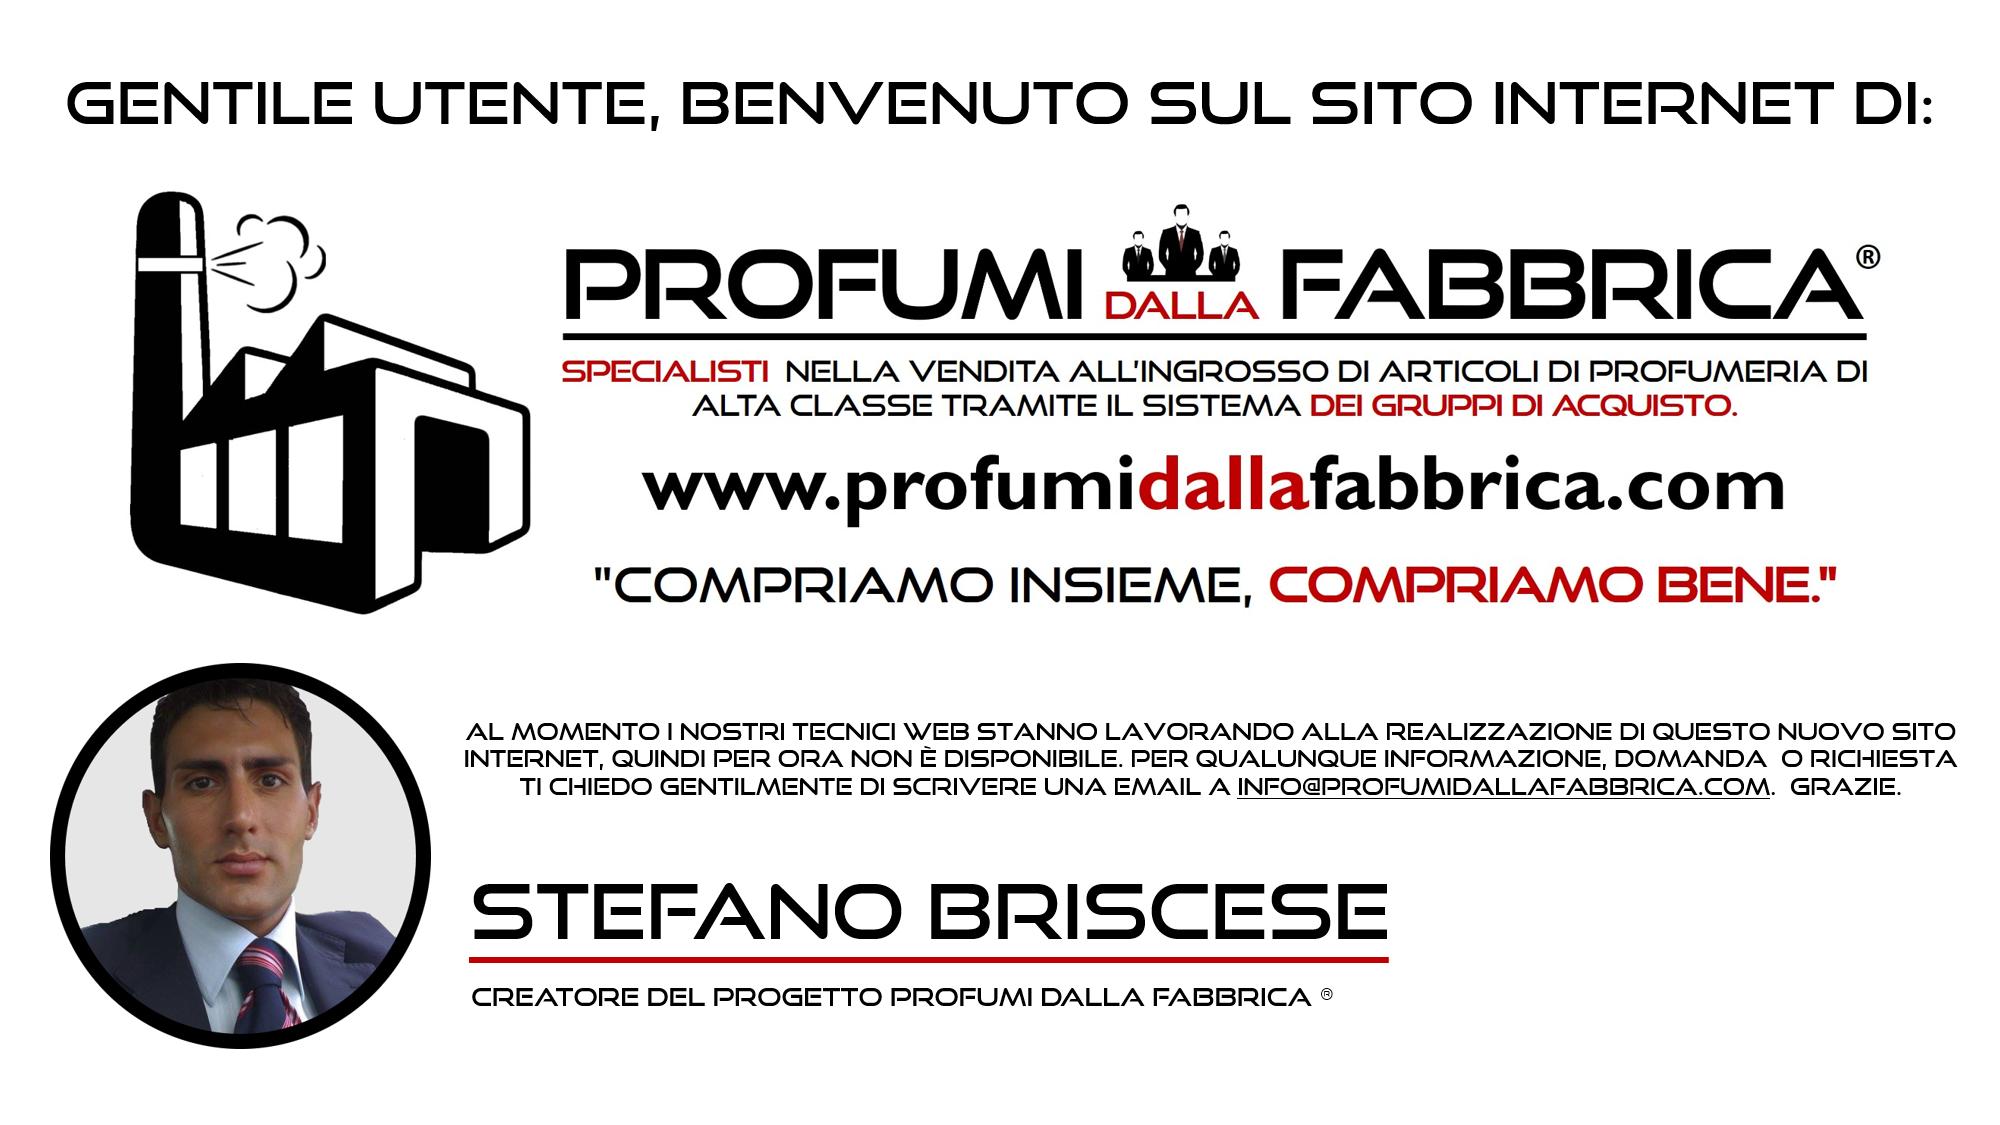 """Profumi dalla Fabbrica® - """"COMPRIAMO INSIEME, COMPRIAMO BENE."""""""